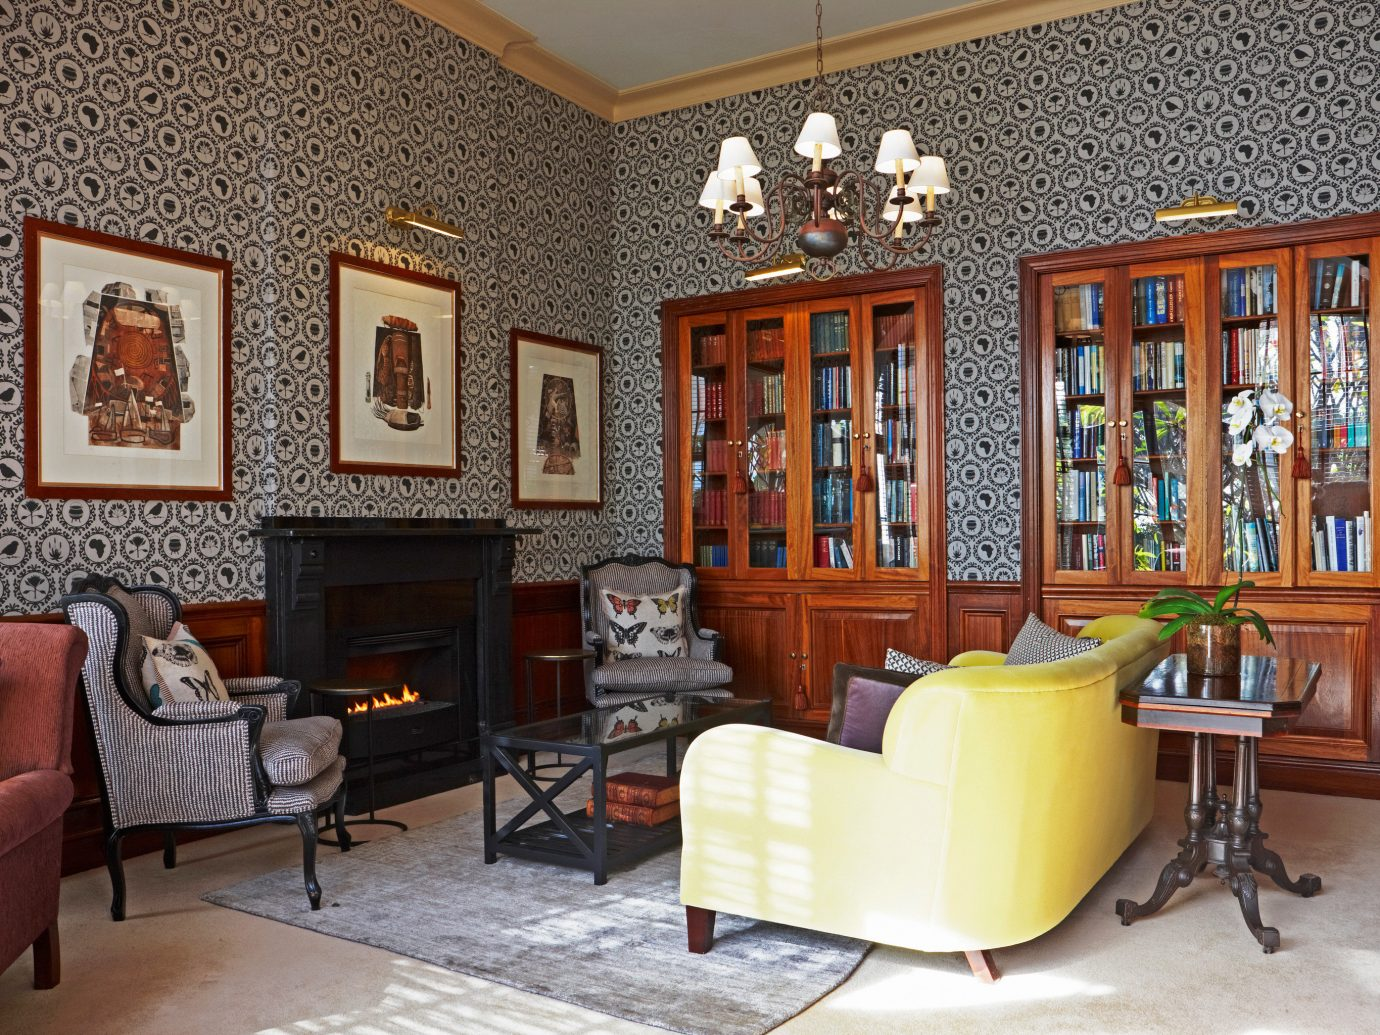 Hotels floor indoor room Living chair living room property home estate furniture hardwood interior design dining room real estate cottage Design mansion area dining table